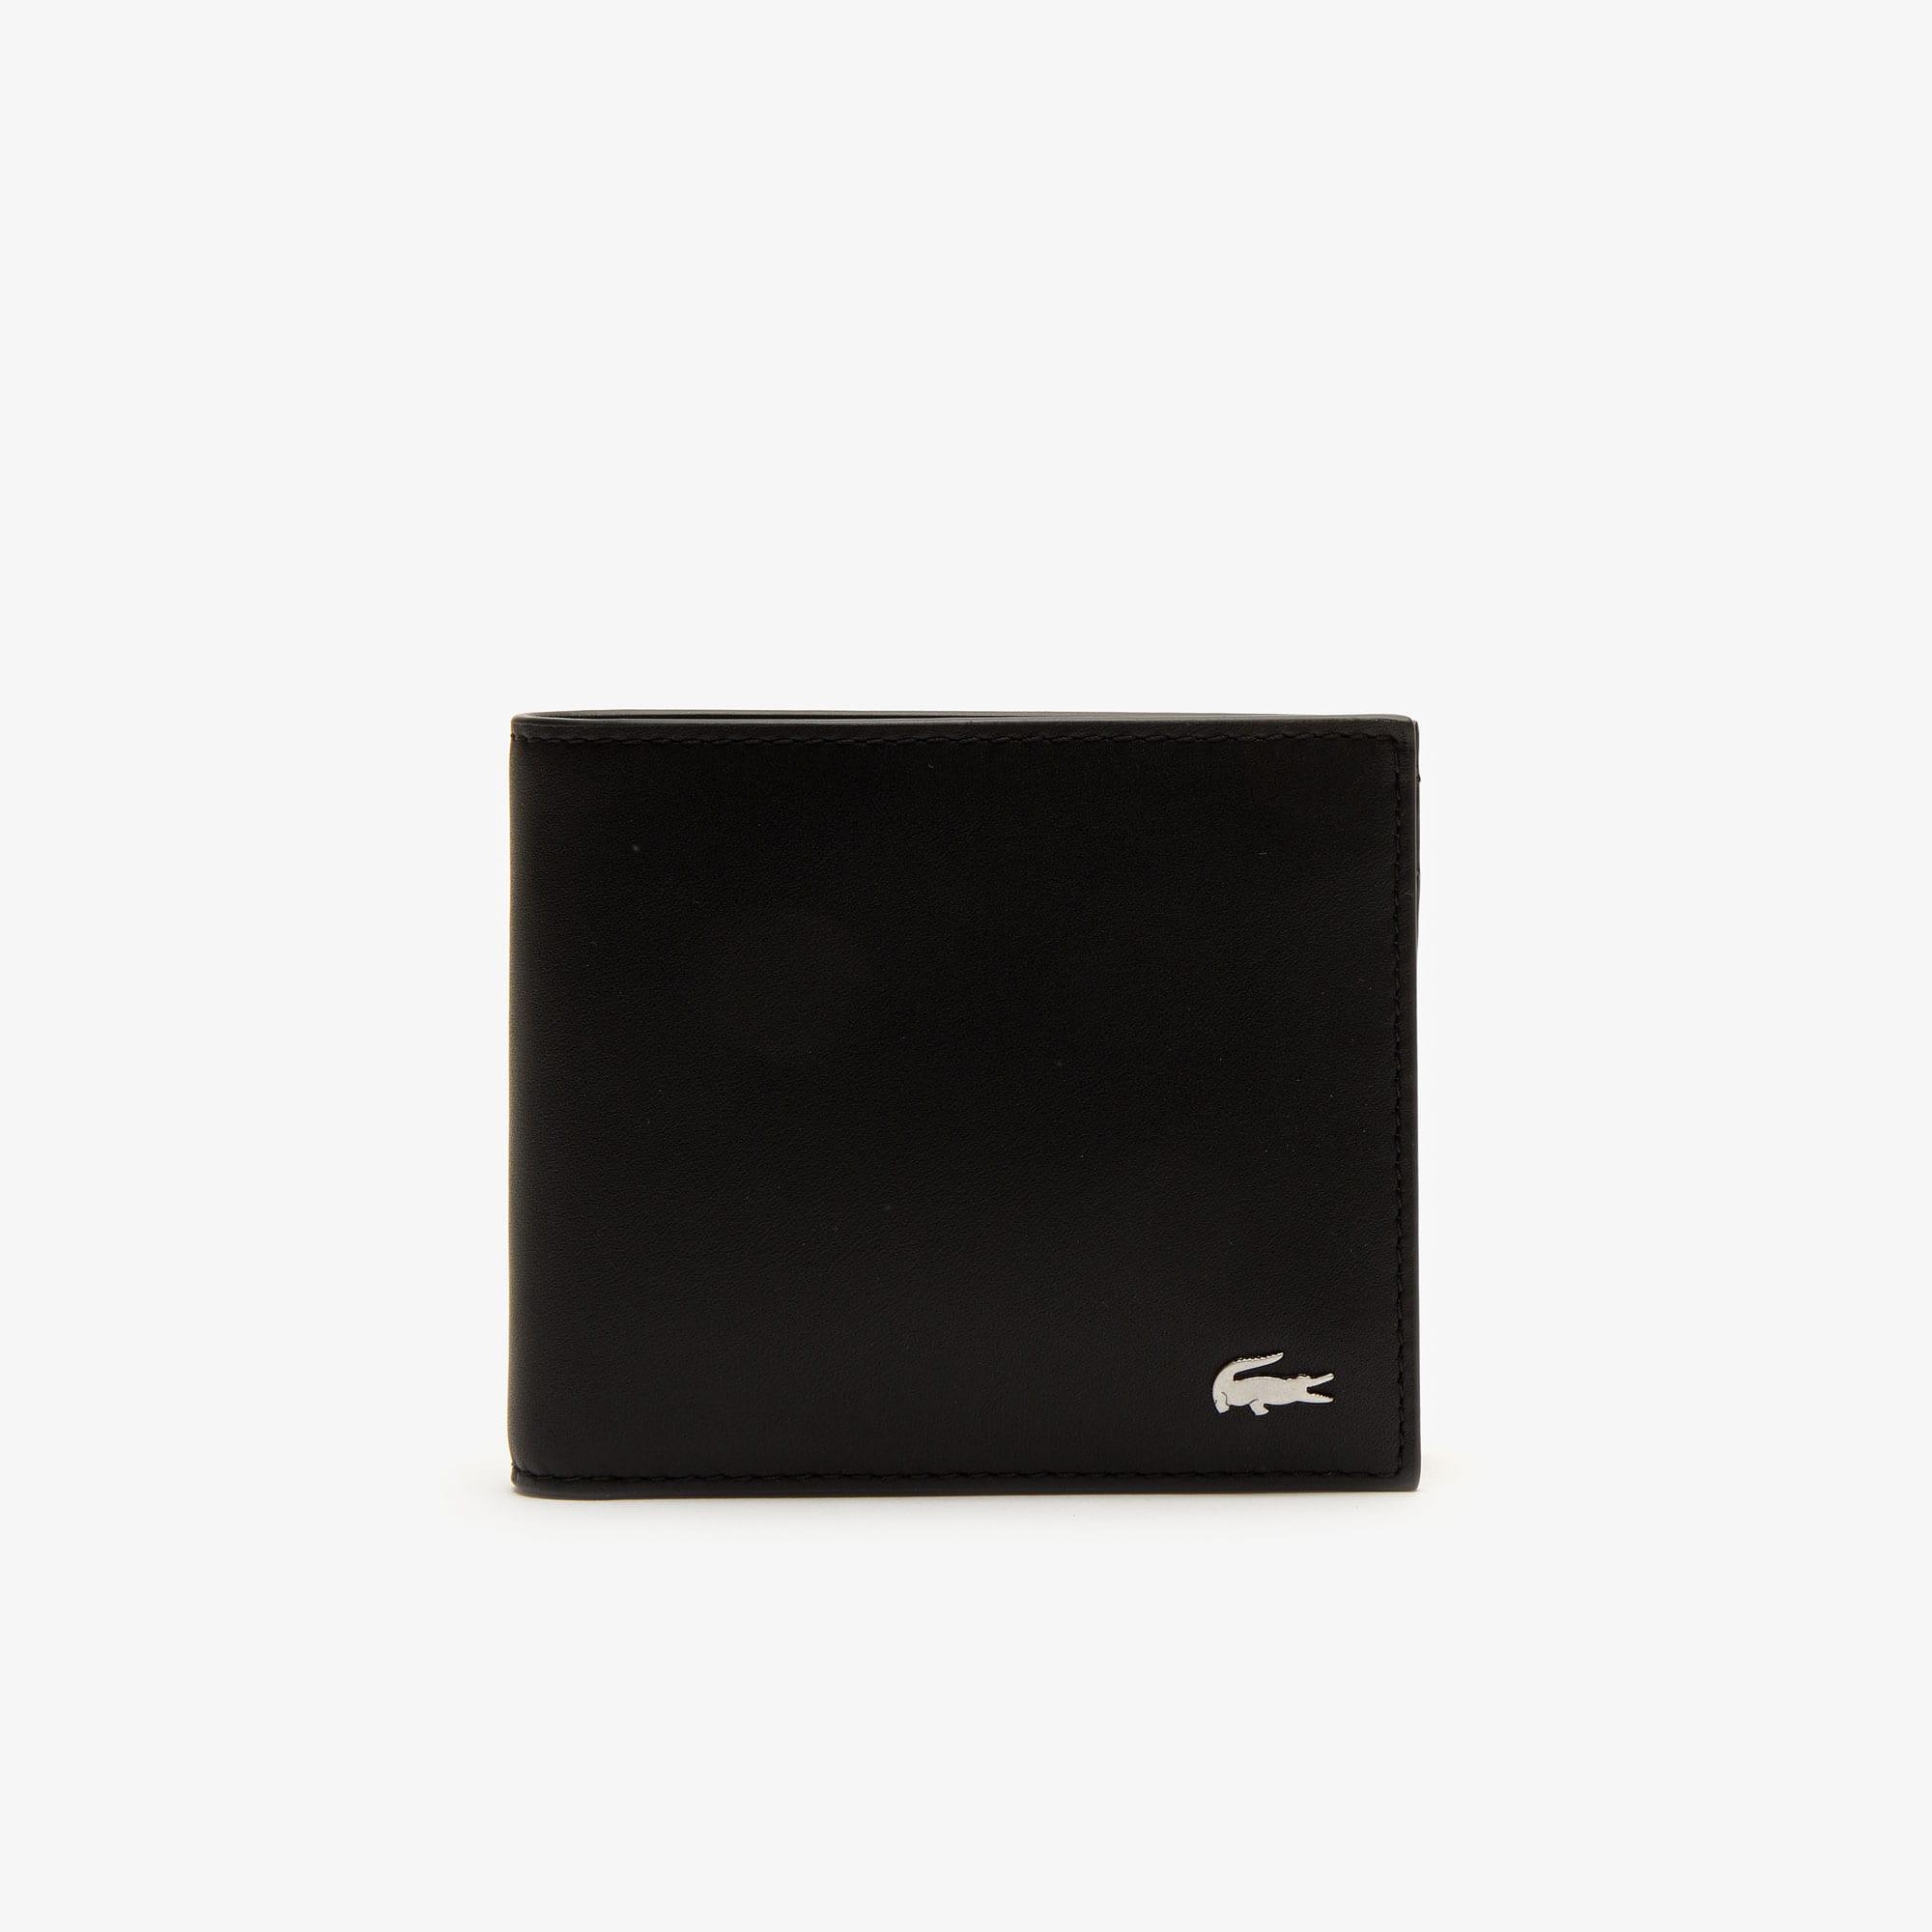 Herren-Set Fitzgerald Leder-Brieftasche und Kartenetui